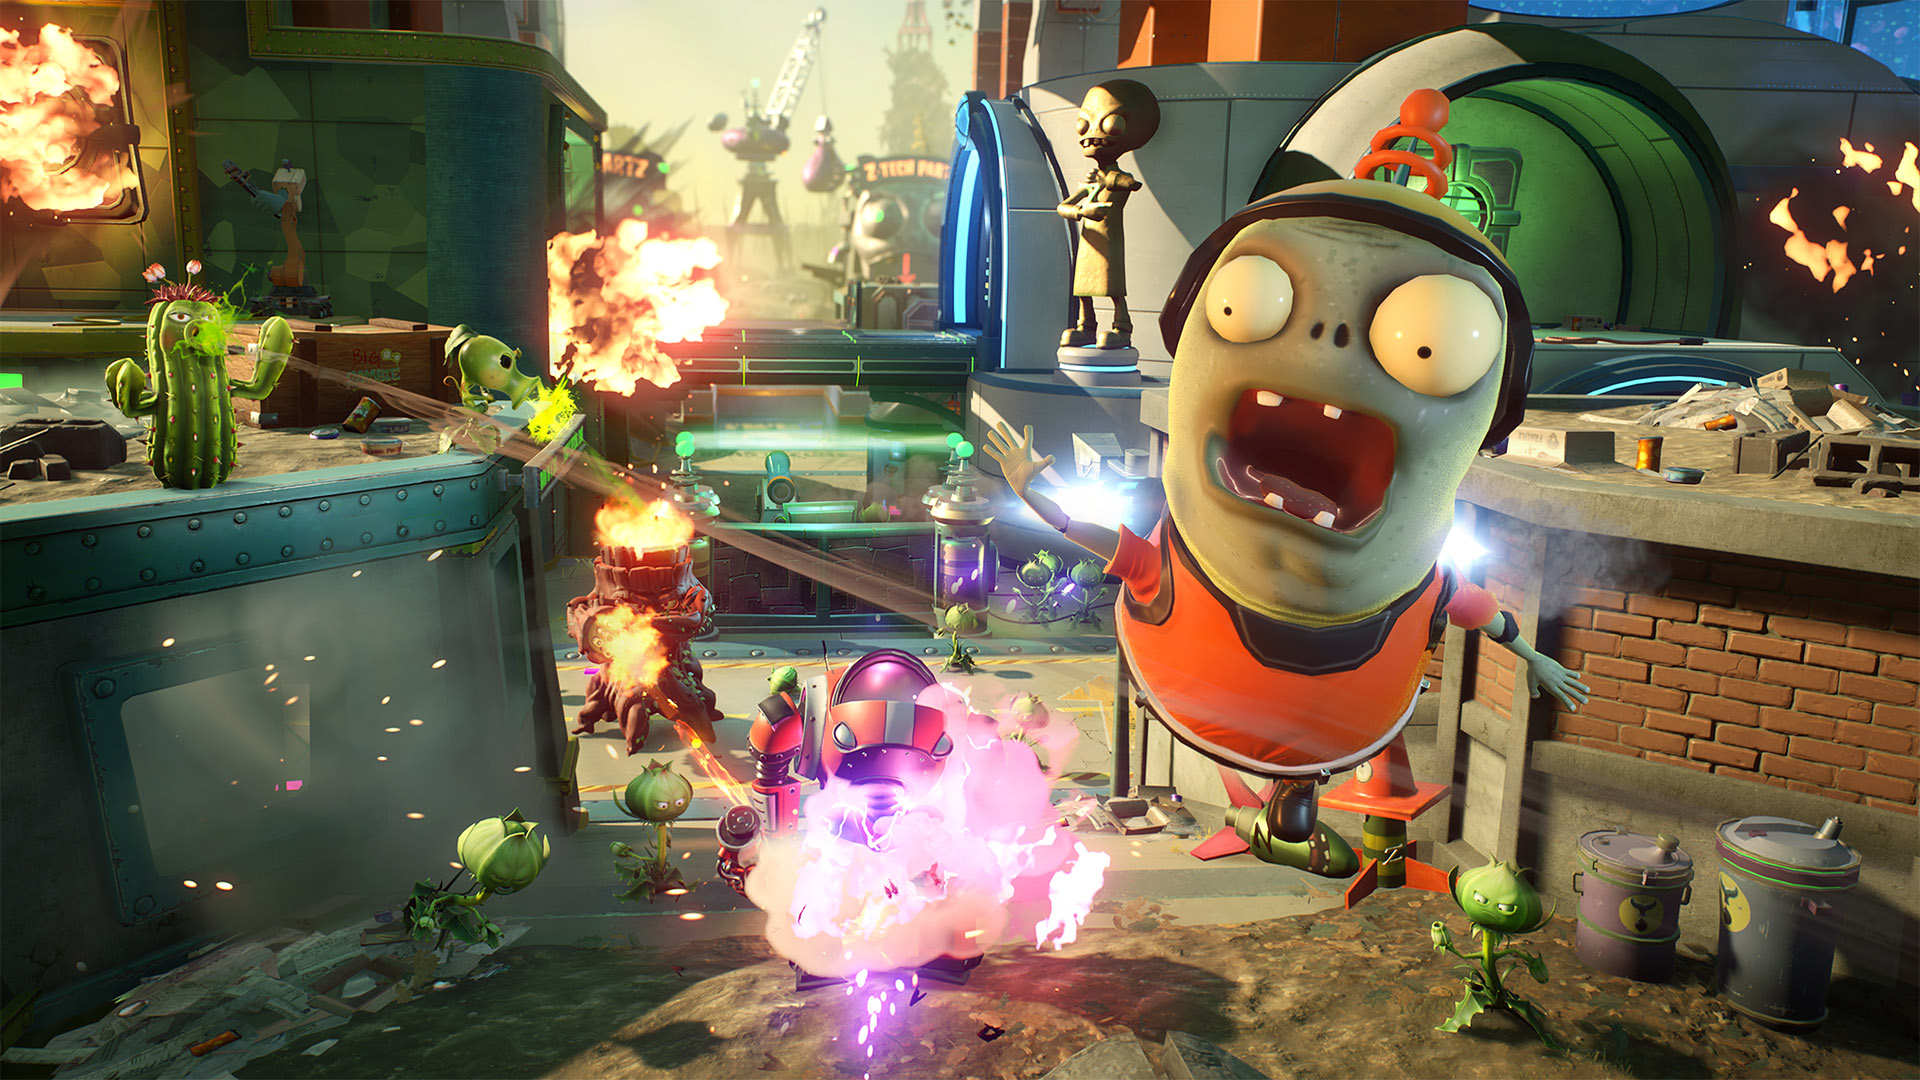 Plants Vs Zombies Garden Warfare 2 Is A Great Sequel